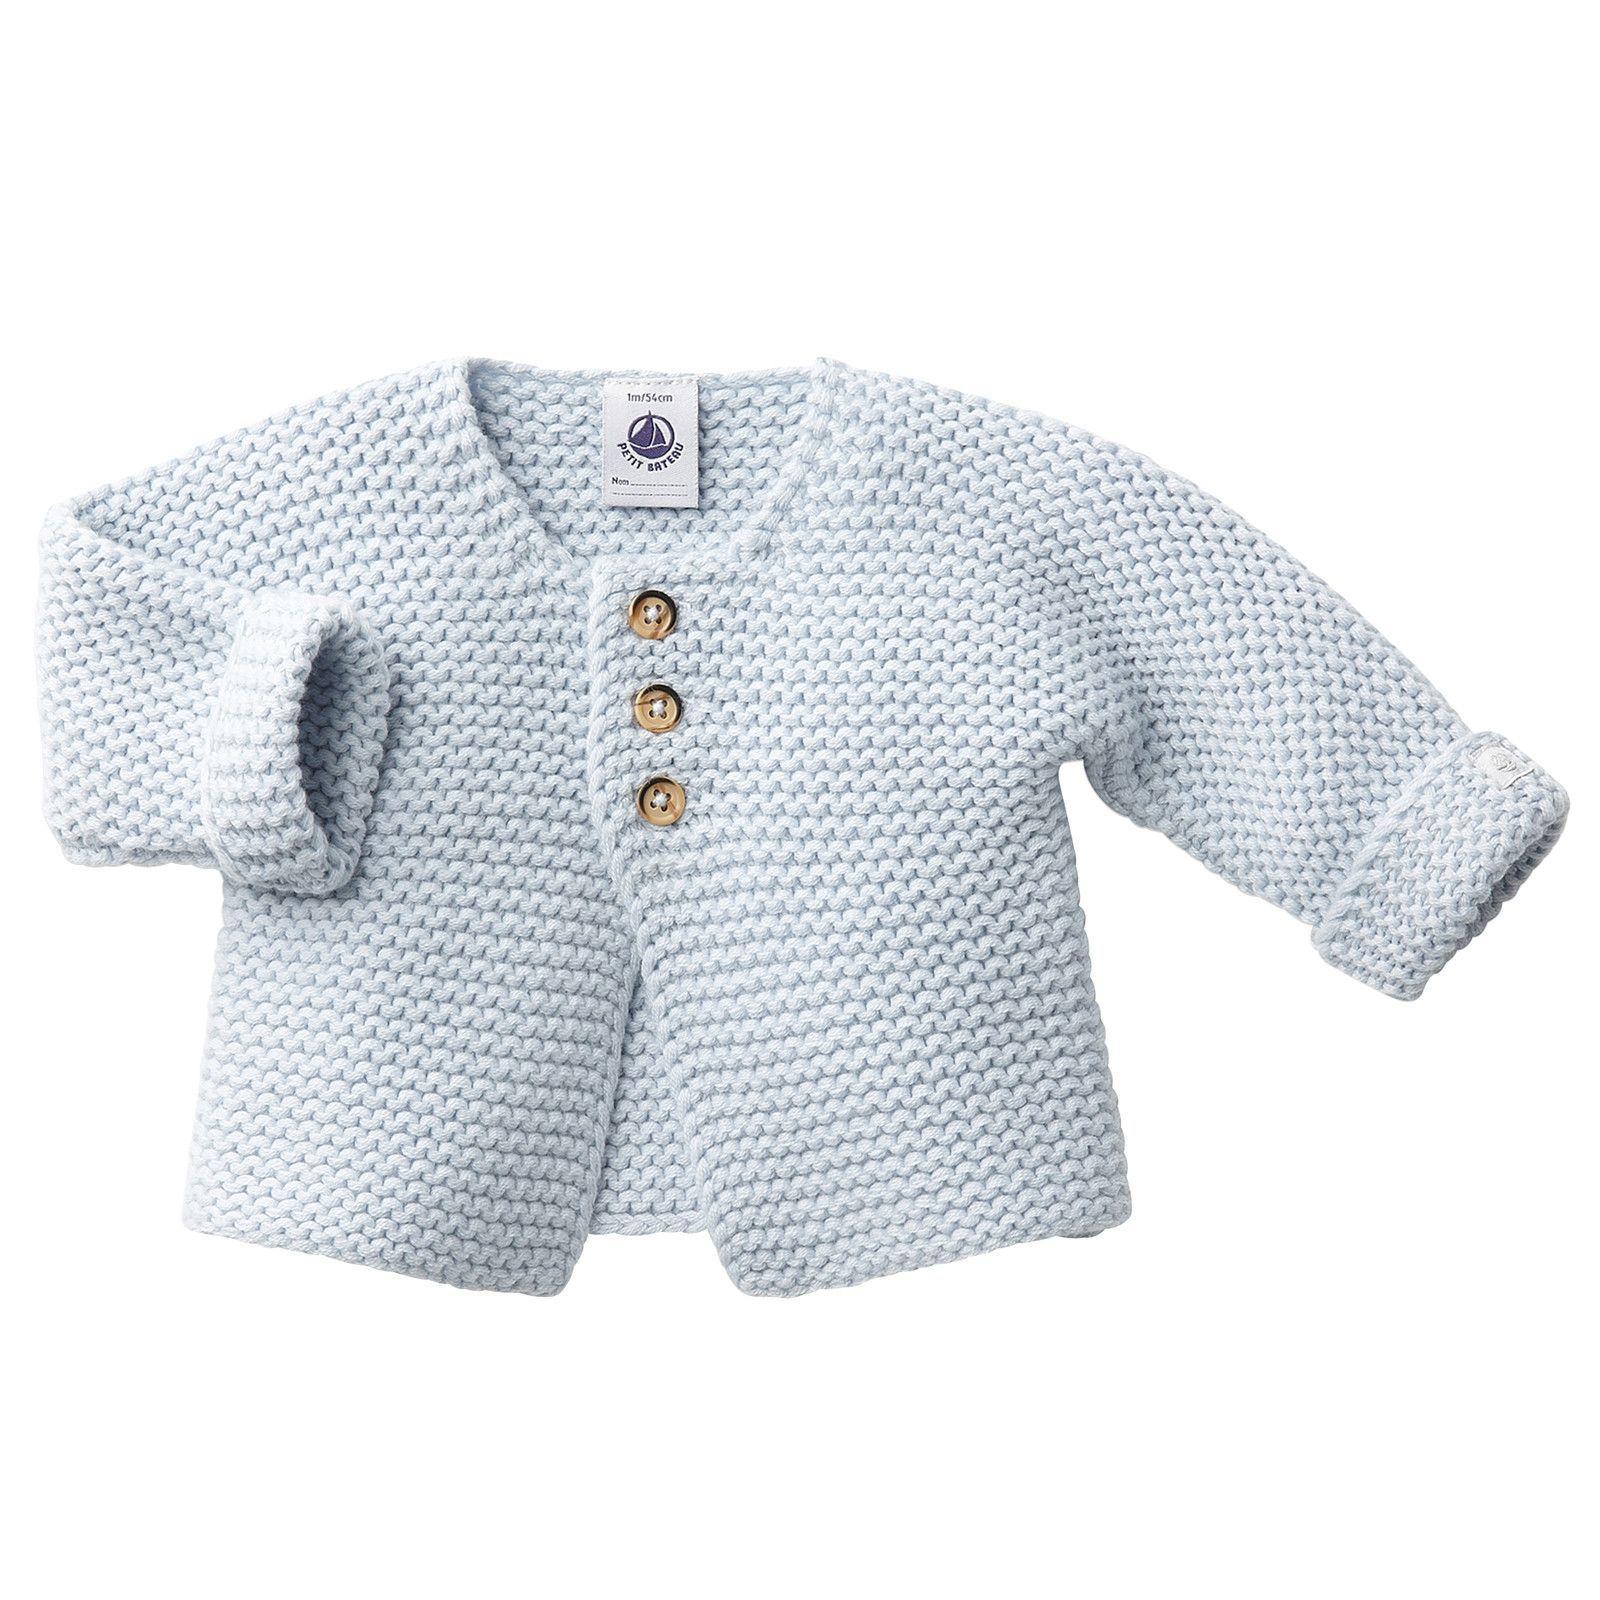 Petit Bateau Unisex Baby Strickjacke